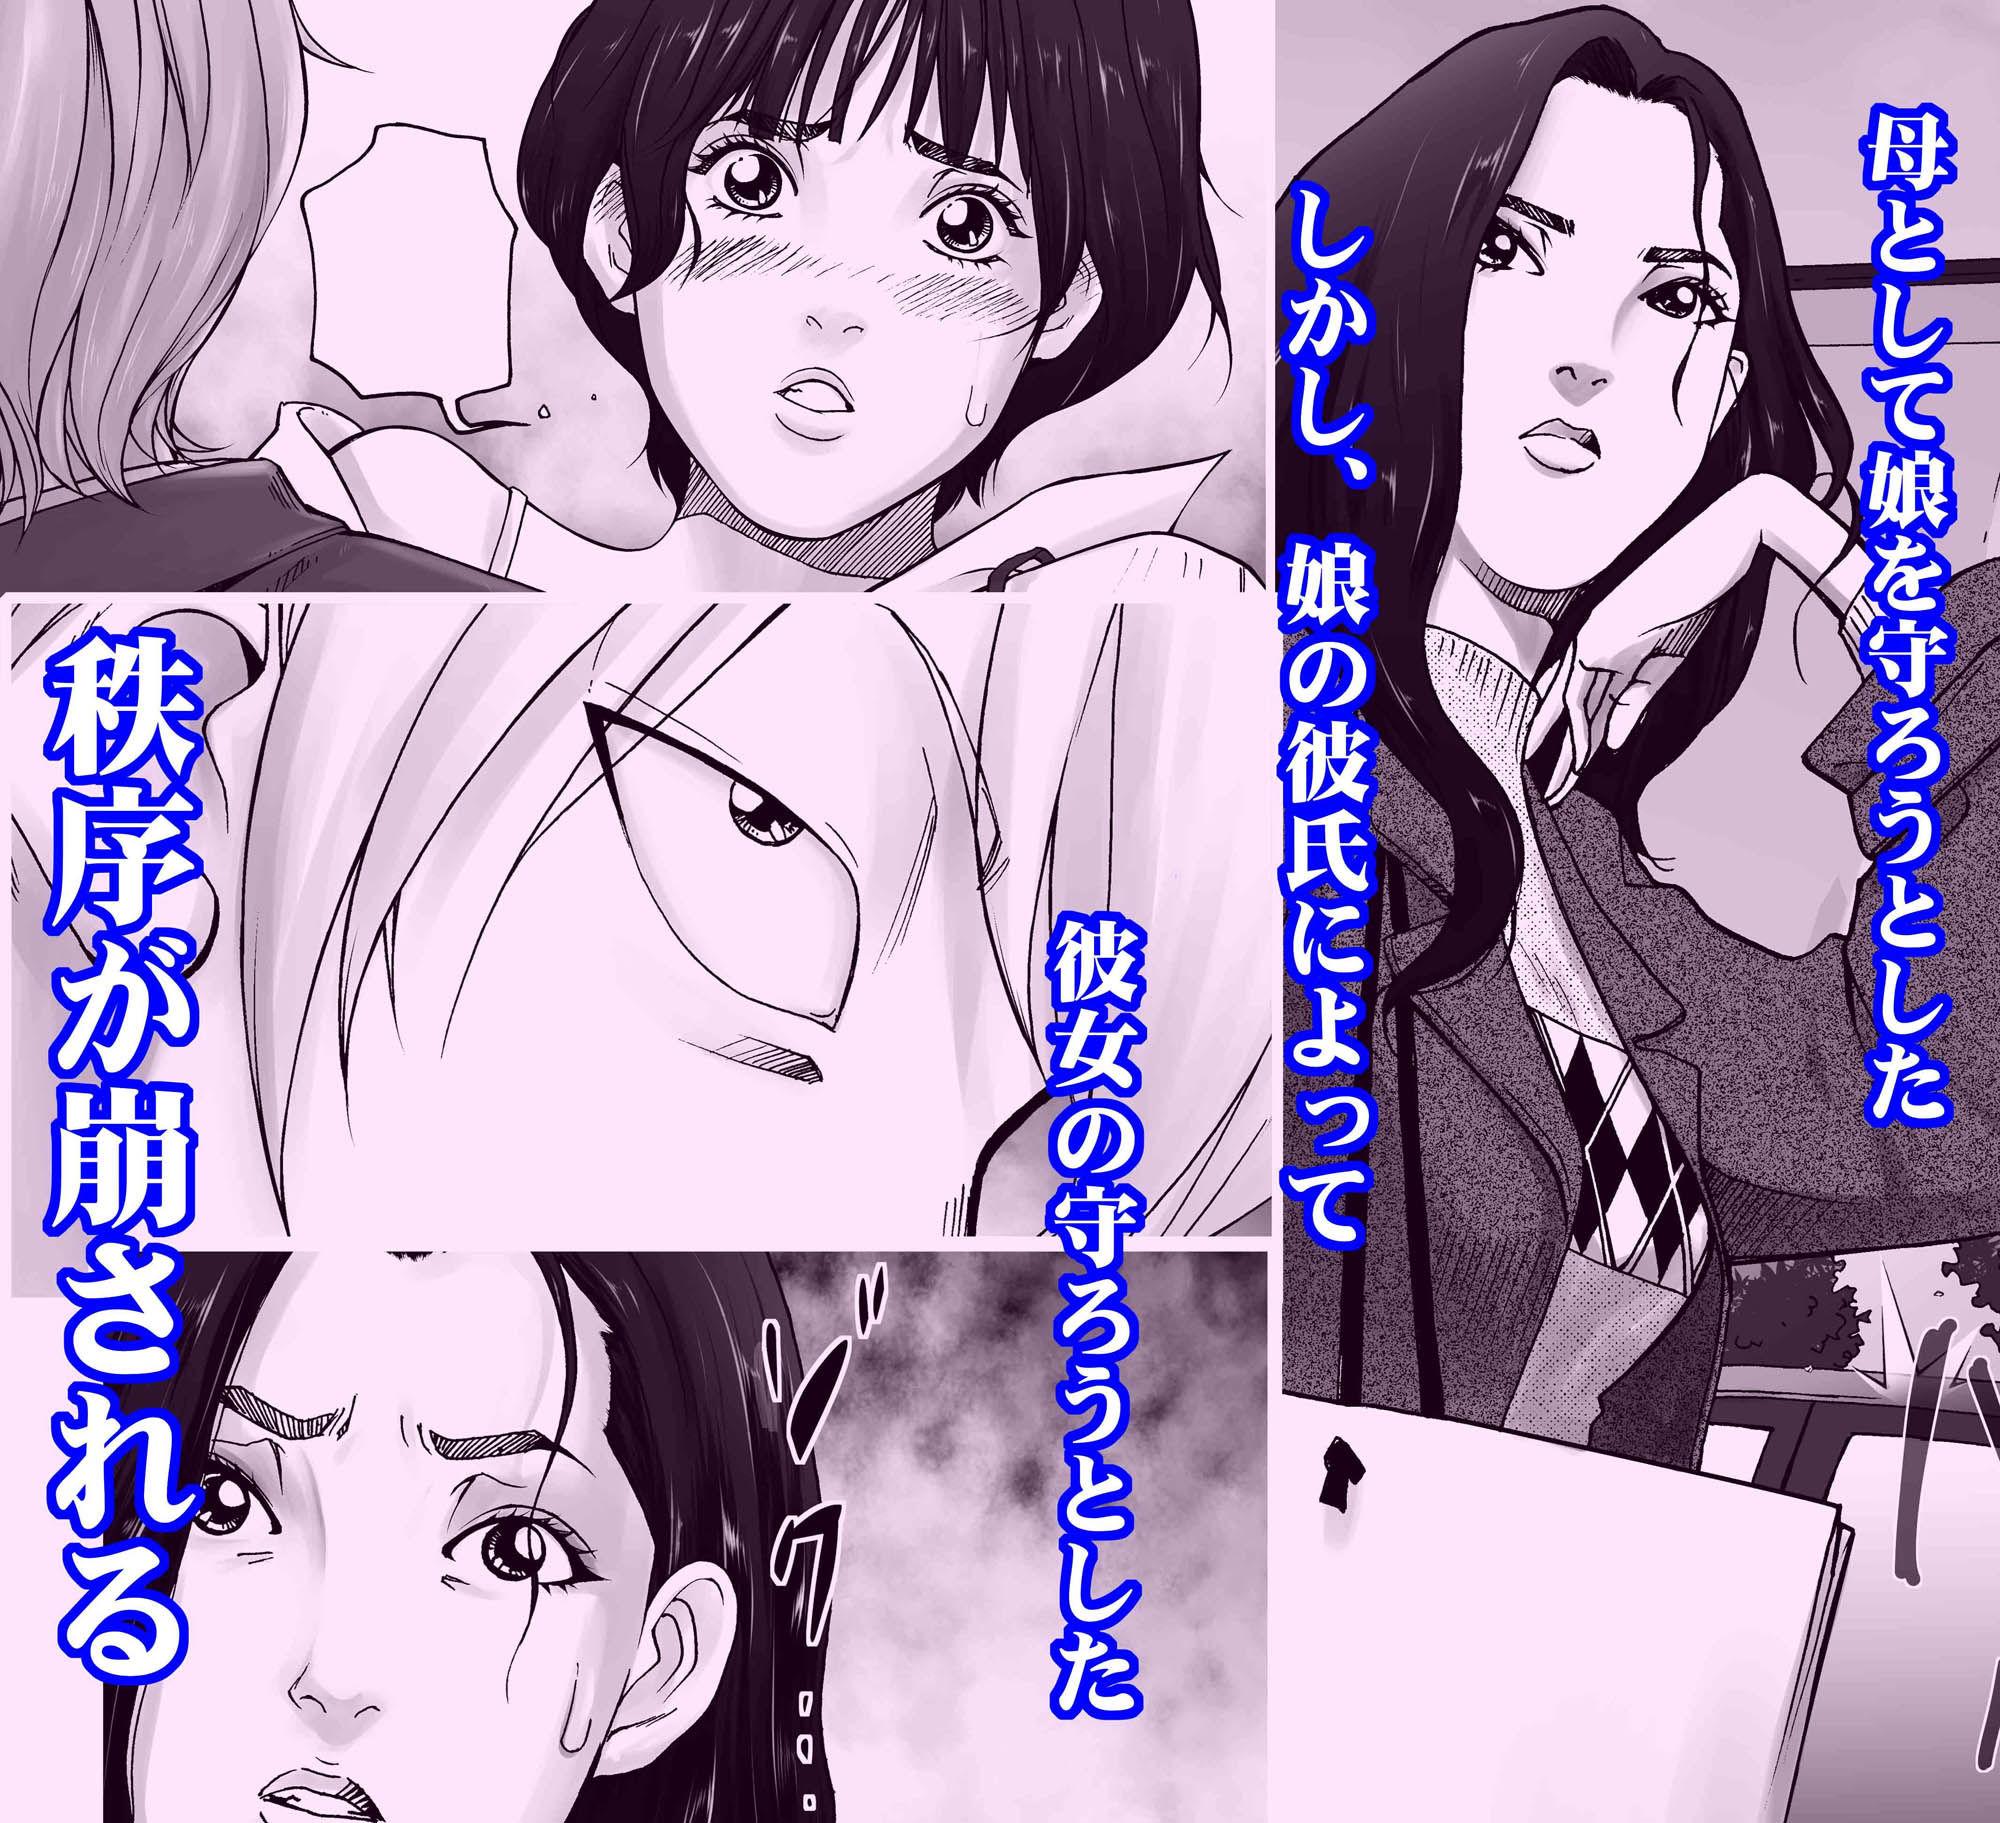 【よろず 同人】D.Hダンナニヒミツ~長倉美奈40歳の場合~